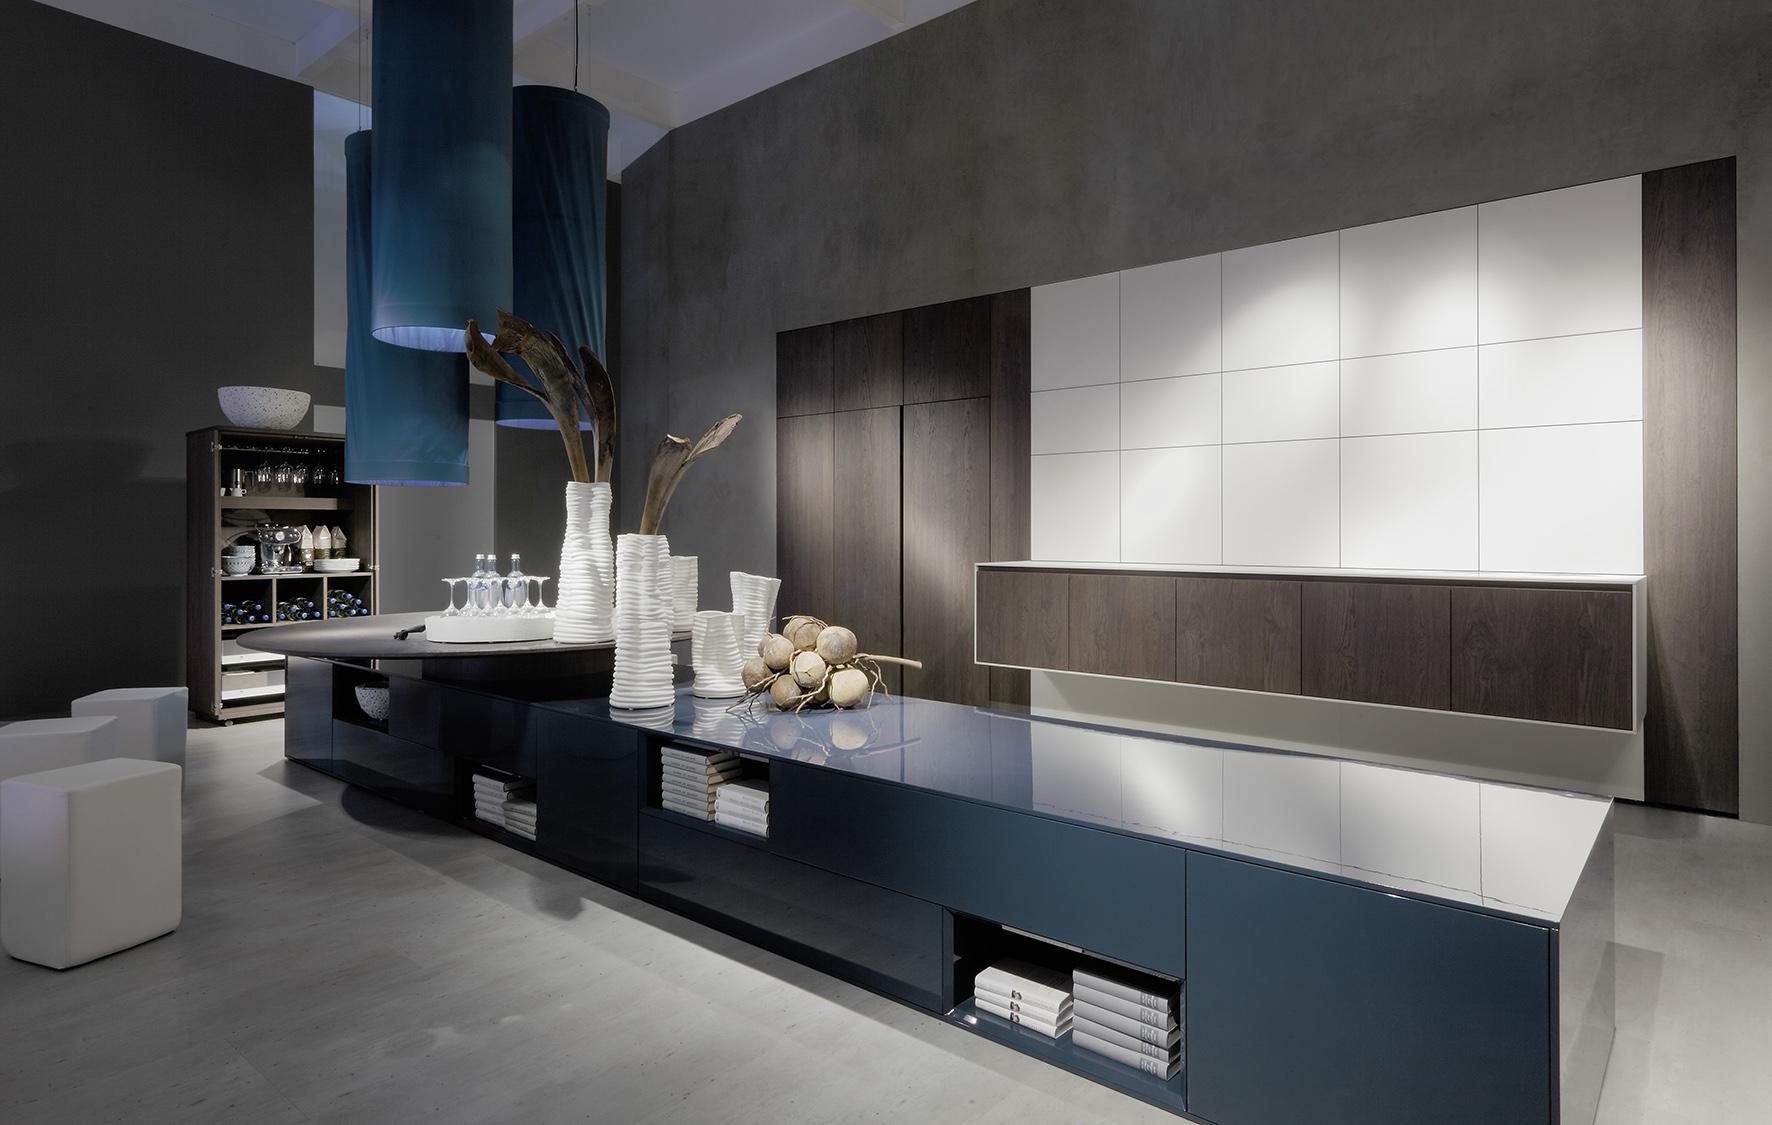 Puristisches Küchendesign erobert die Wohnungen